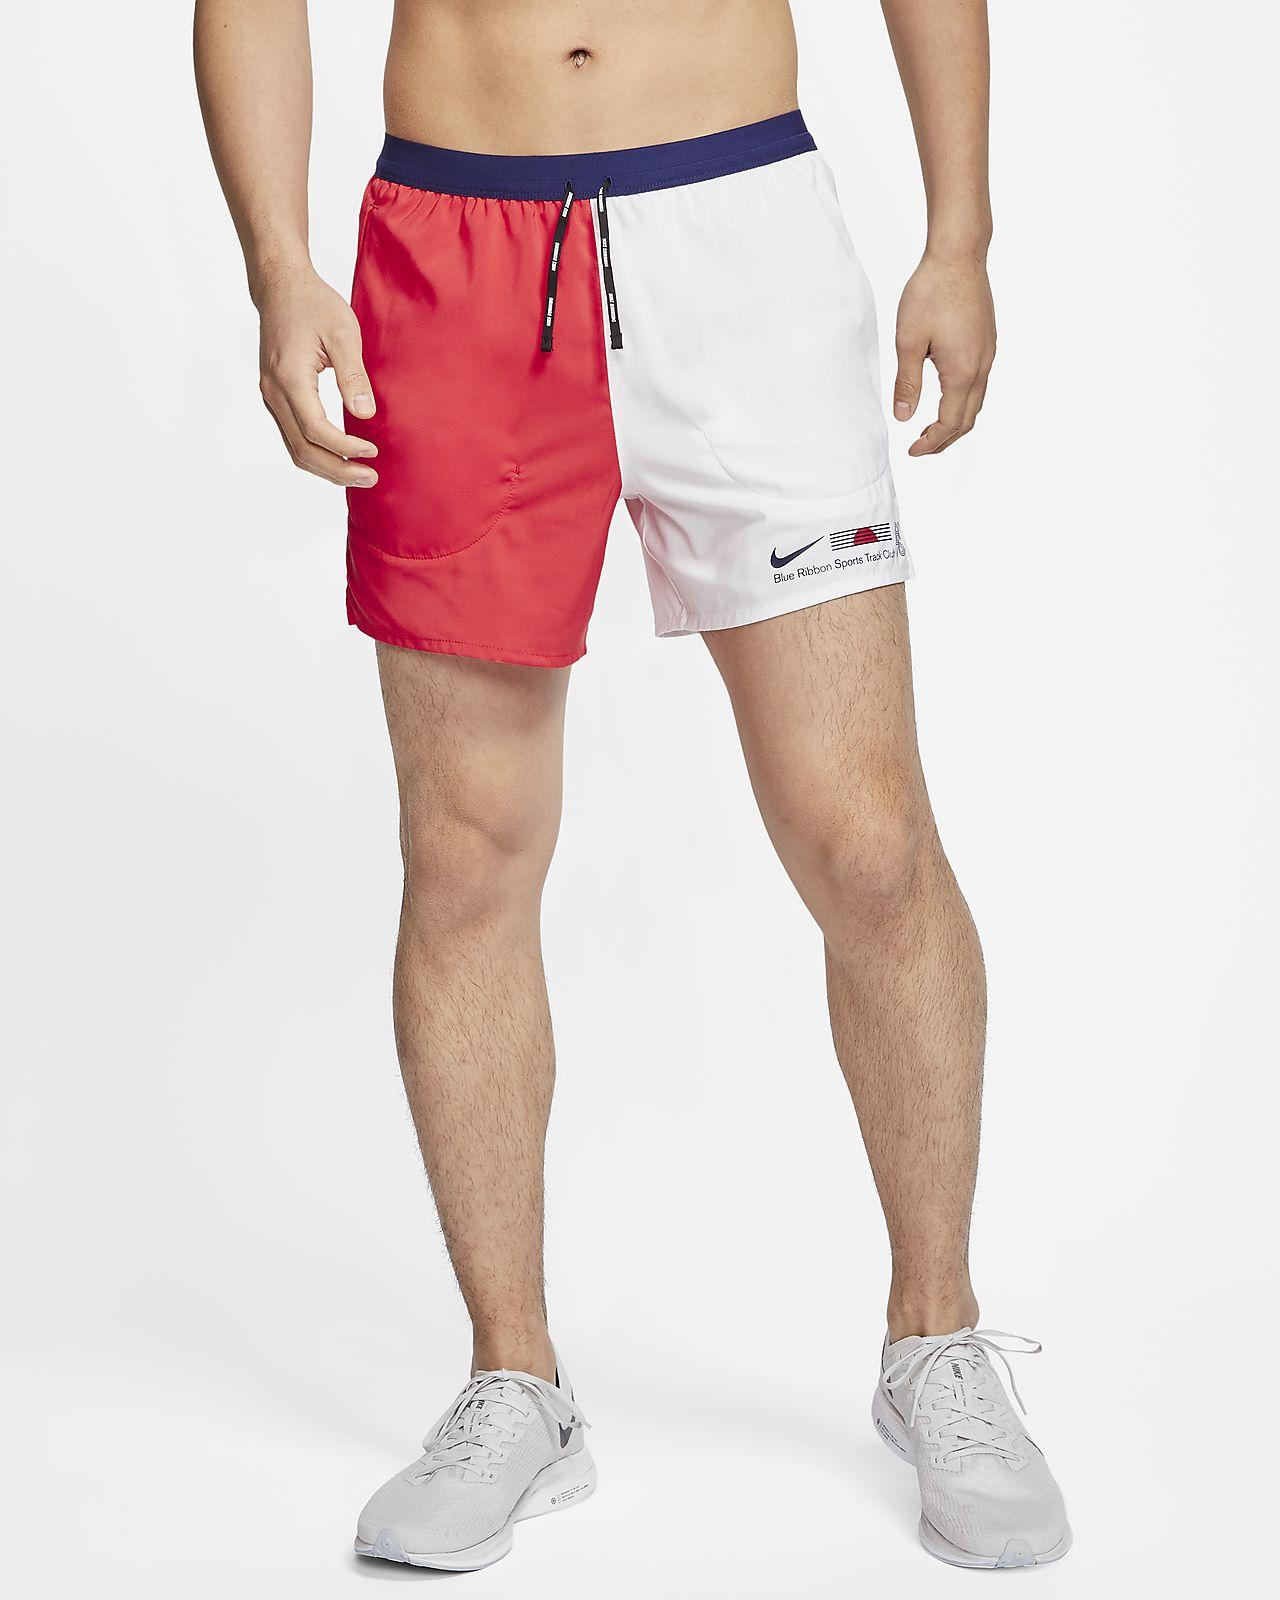 กางเกงวิ่งขาสั้น 3.5 นิ้วมีซับในผู้ชาย Nike Flex Stride Blue Ribbon Sports